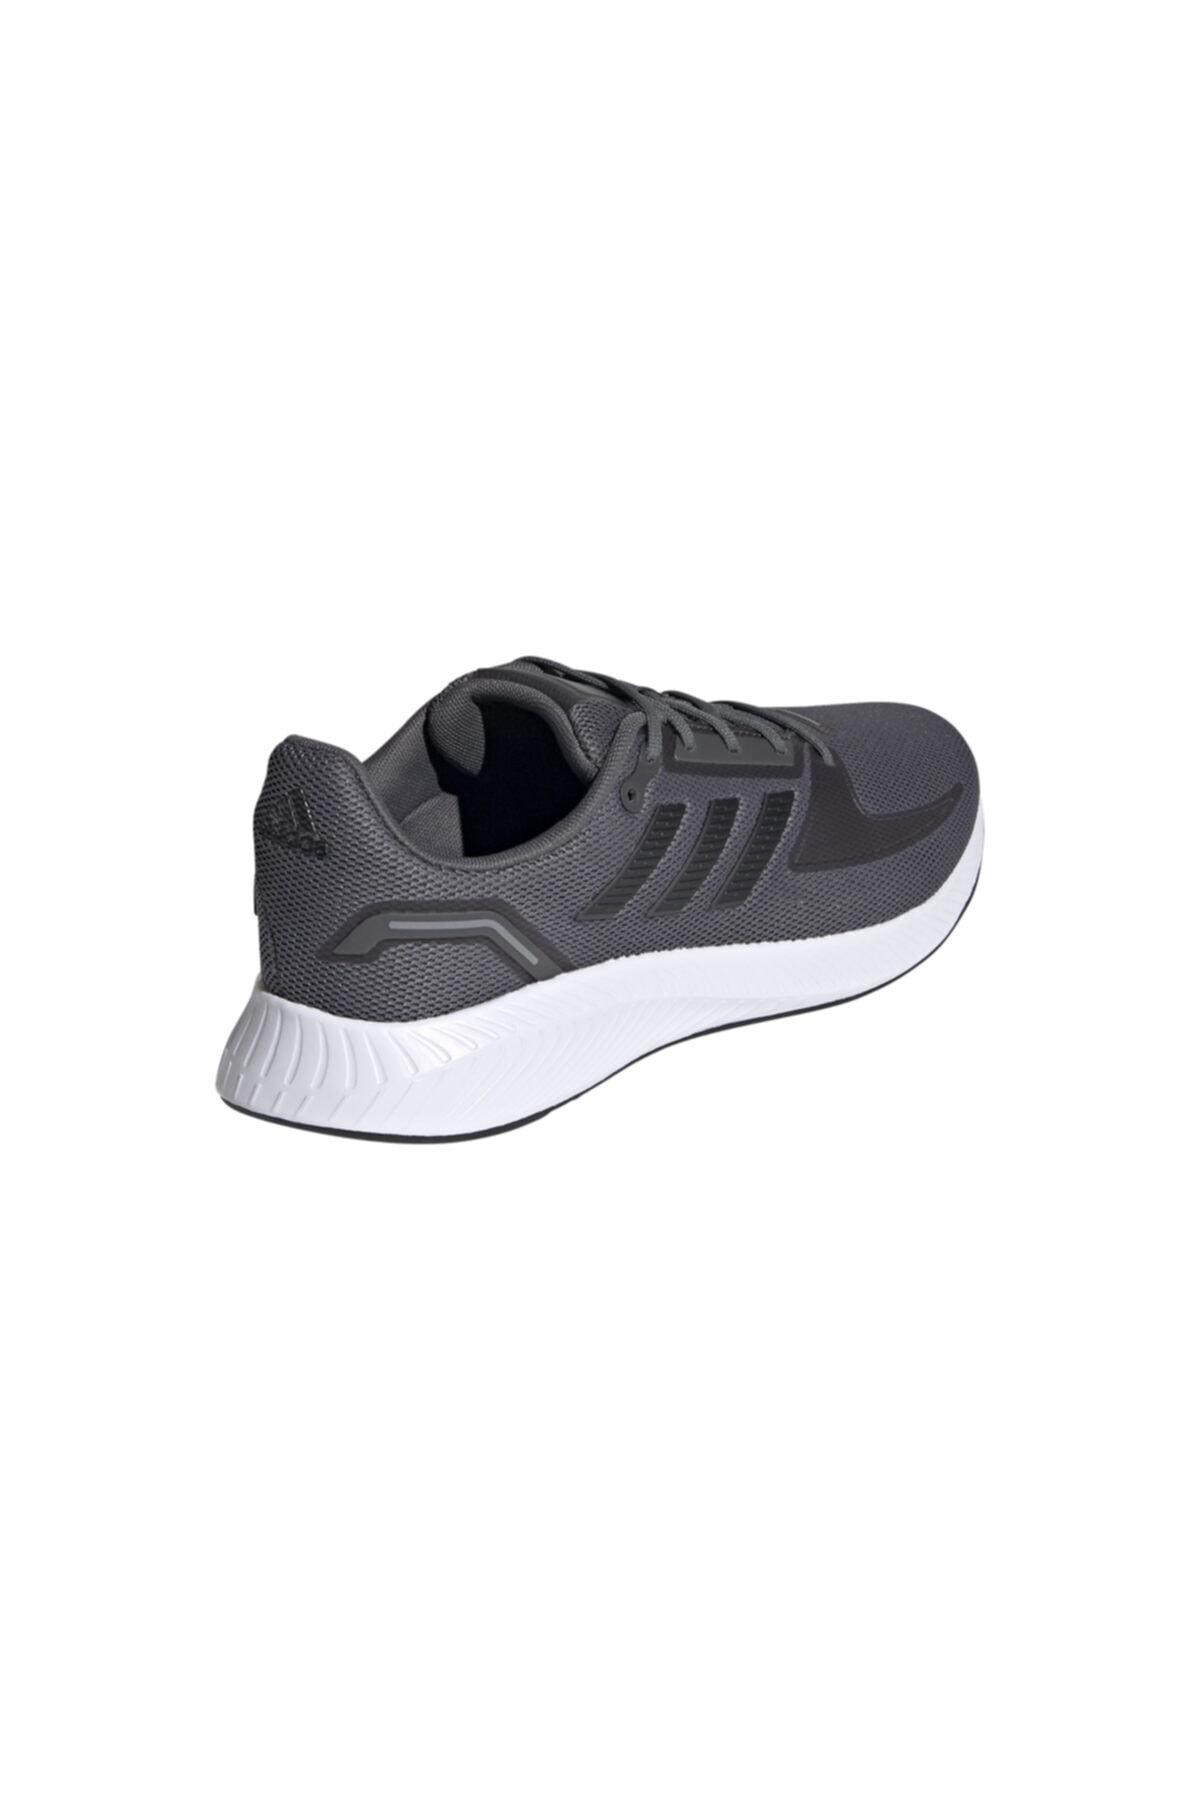 adidas RUNFALCON 2.0 Gri Erkek Koşu Ayakkabısı 101079783